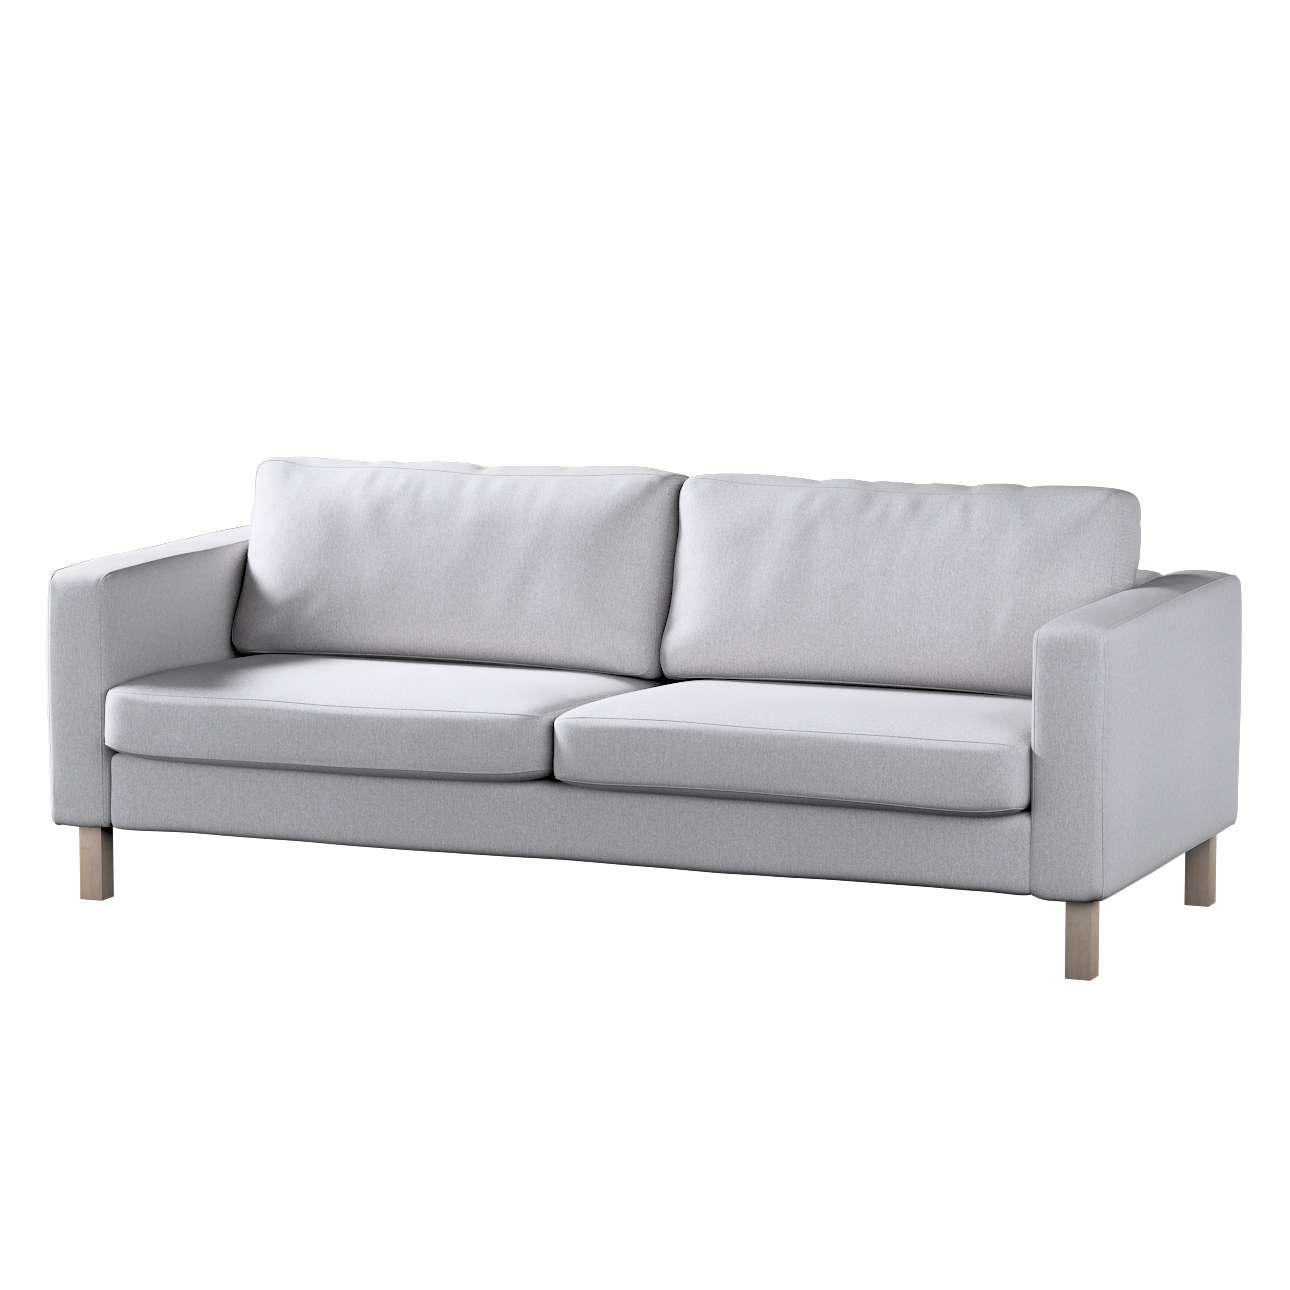 Pokrowiec na sofę Karlstad rozkładaną w kolekcji Amsterdam, tkanina: 704-45